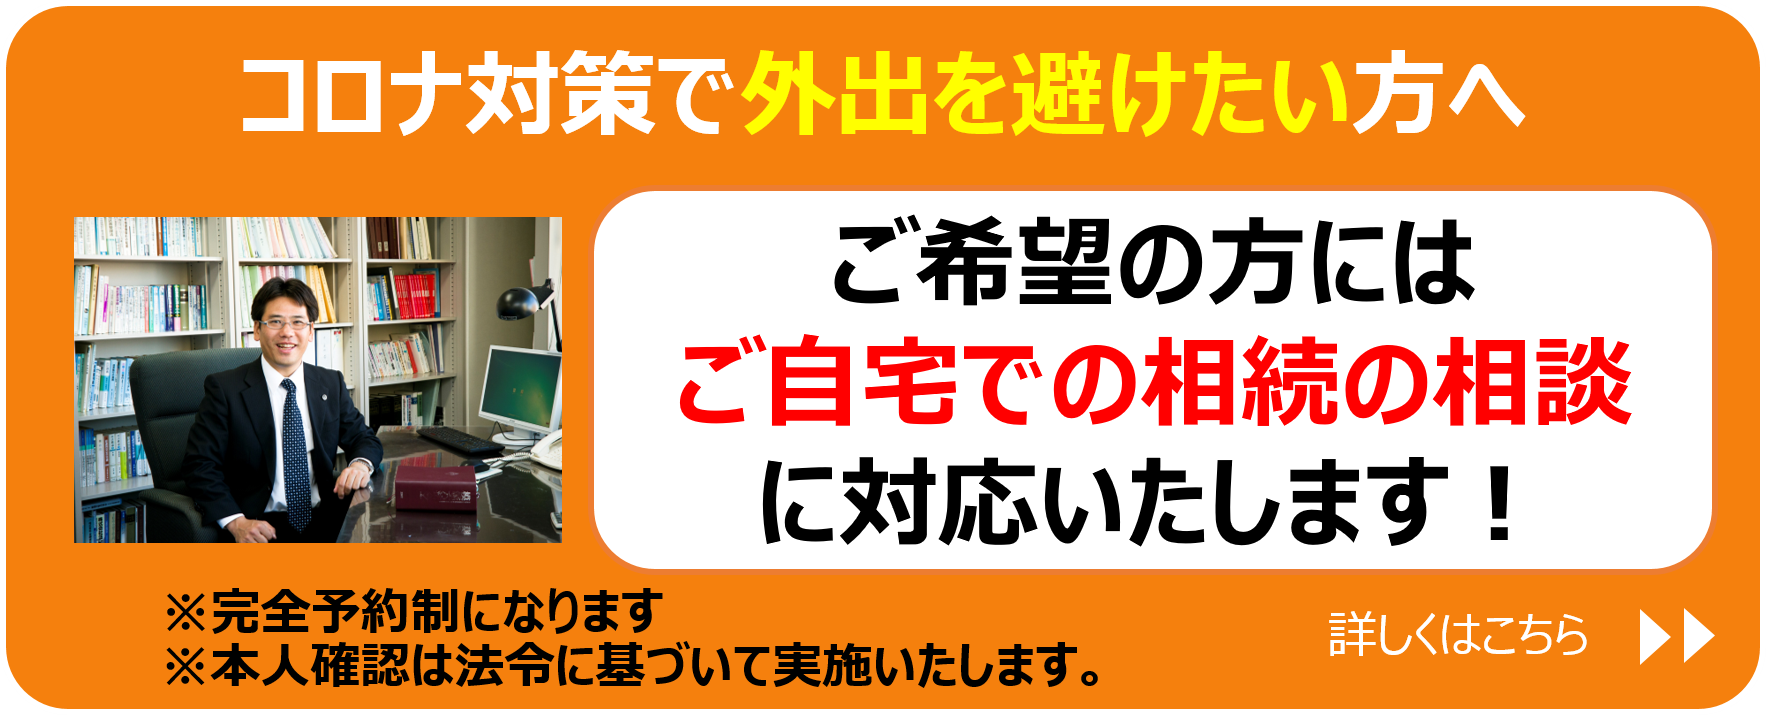 オンライン面談バナー.png